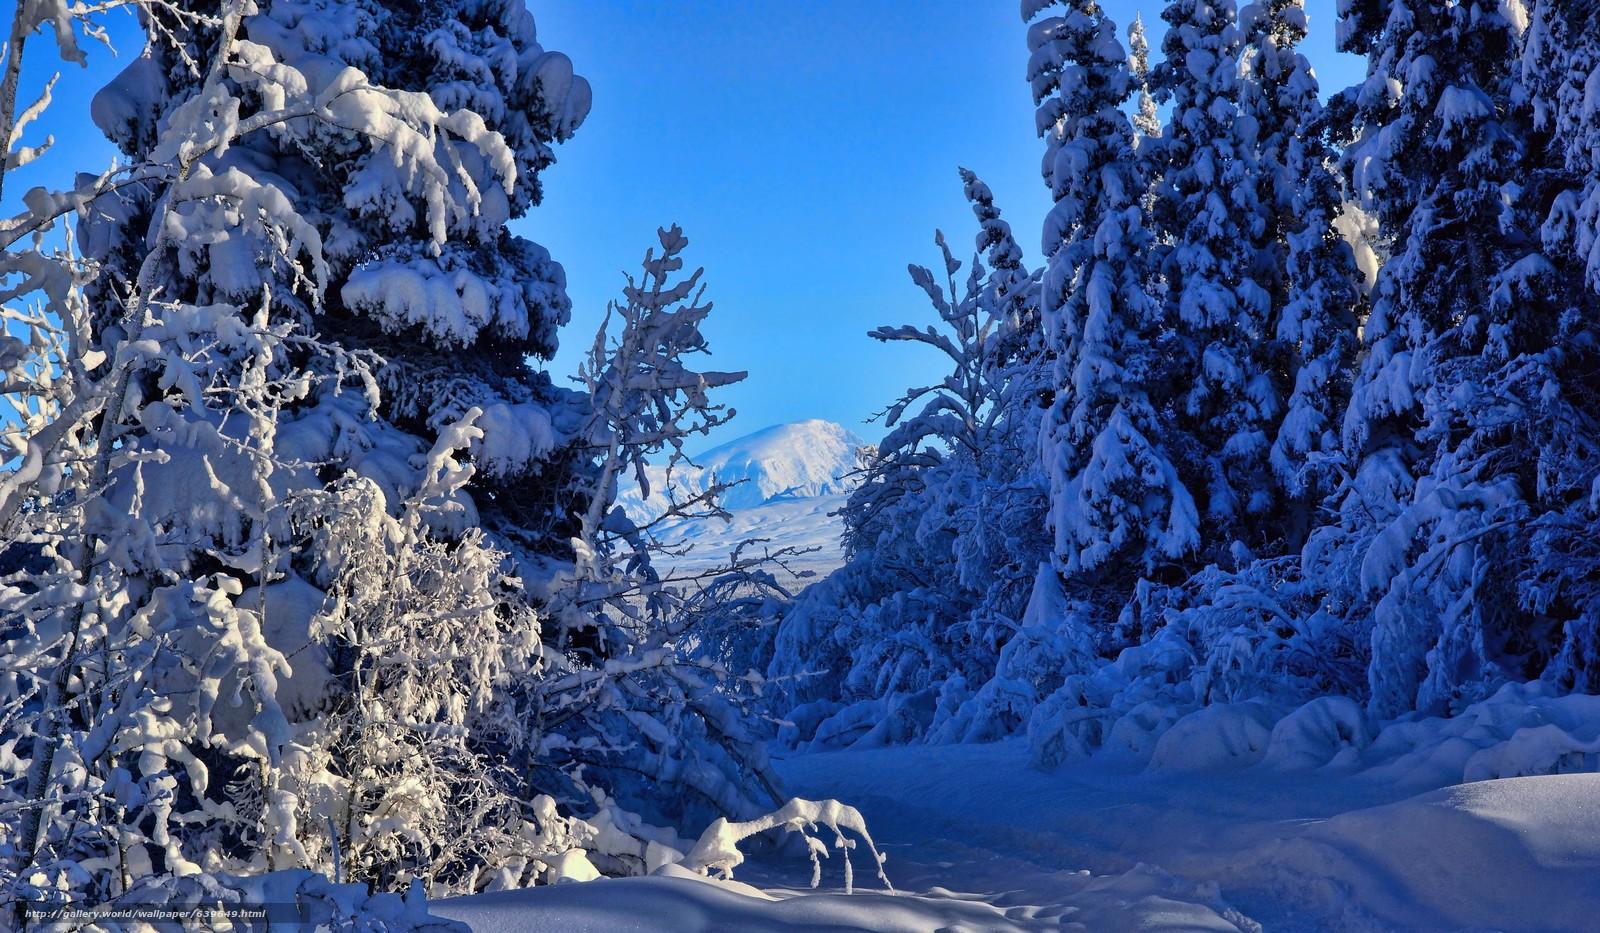 Tlcharger fond d 39 ecran hiver neige arbres alaska fonds for Fond ecran hiver hd